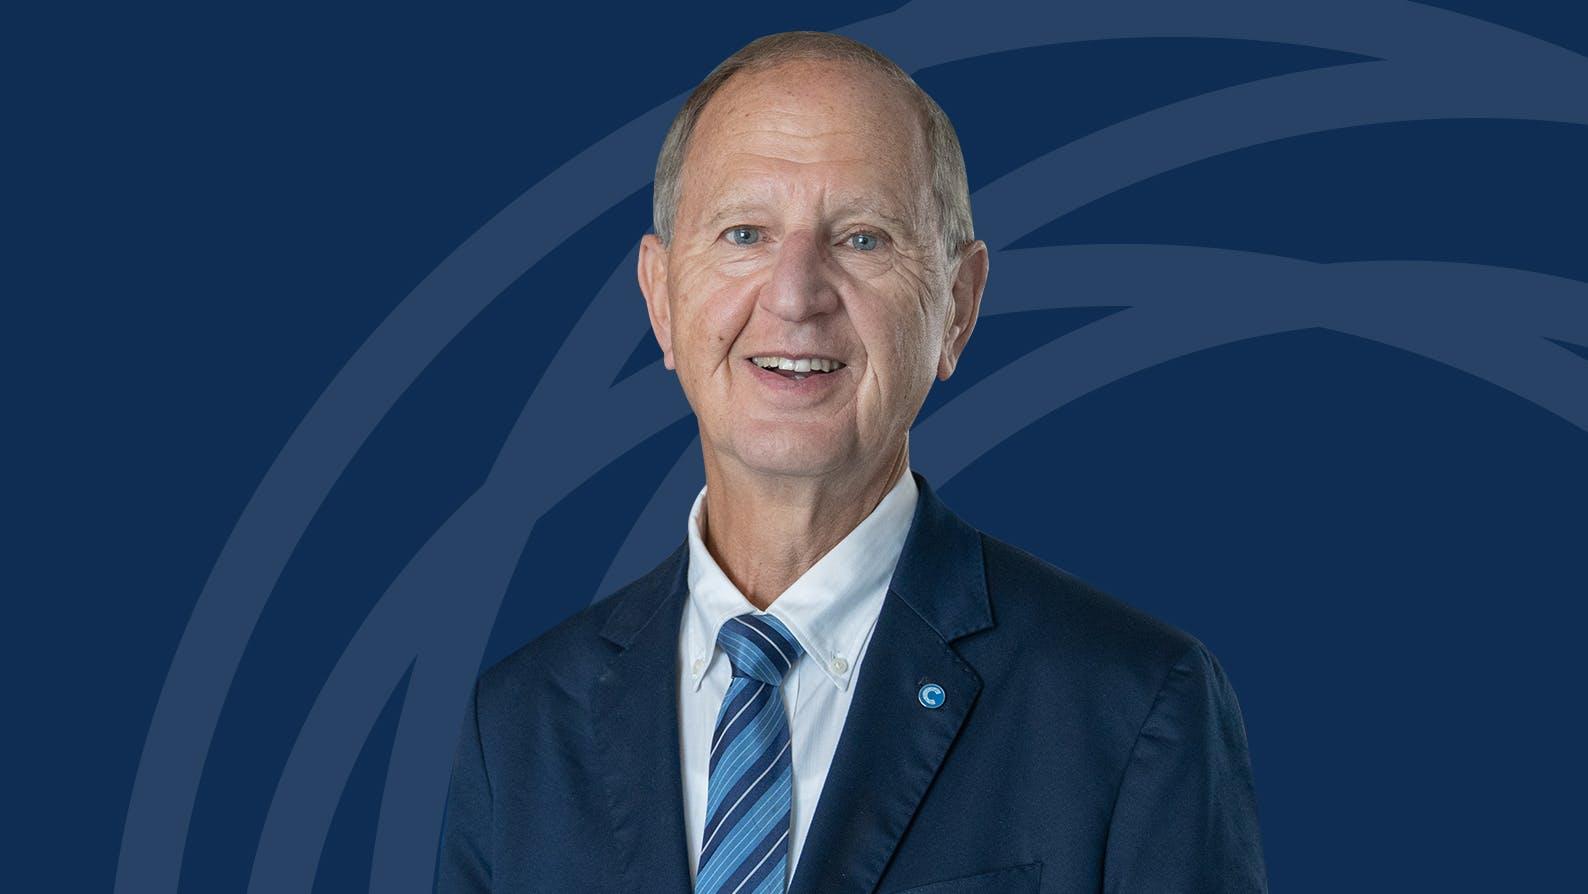 Calgary Chamber of Commerce interim CEO Murray Sigler